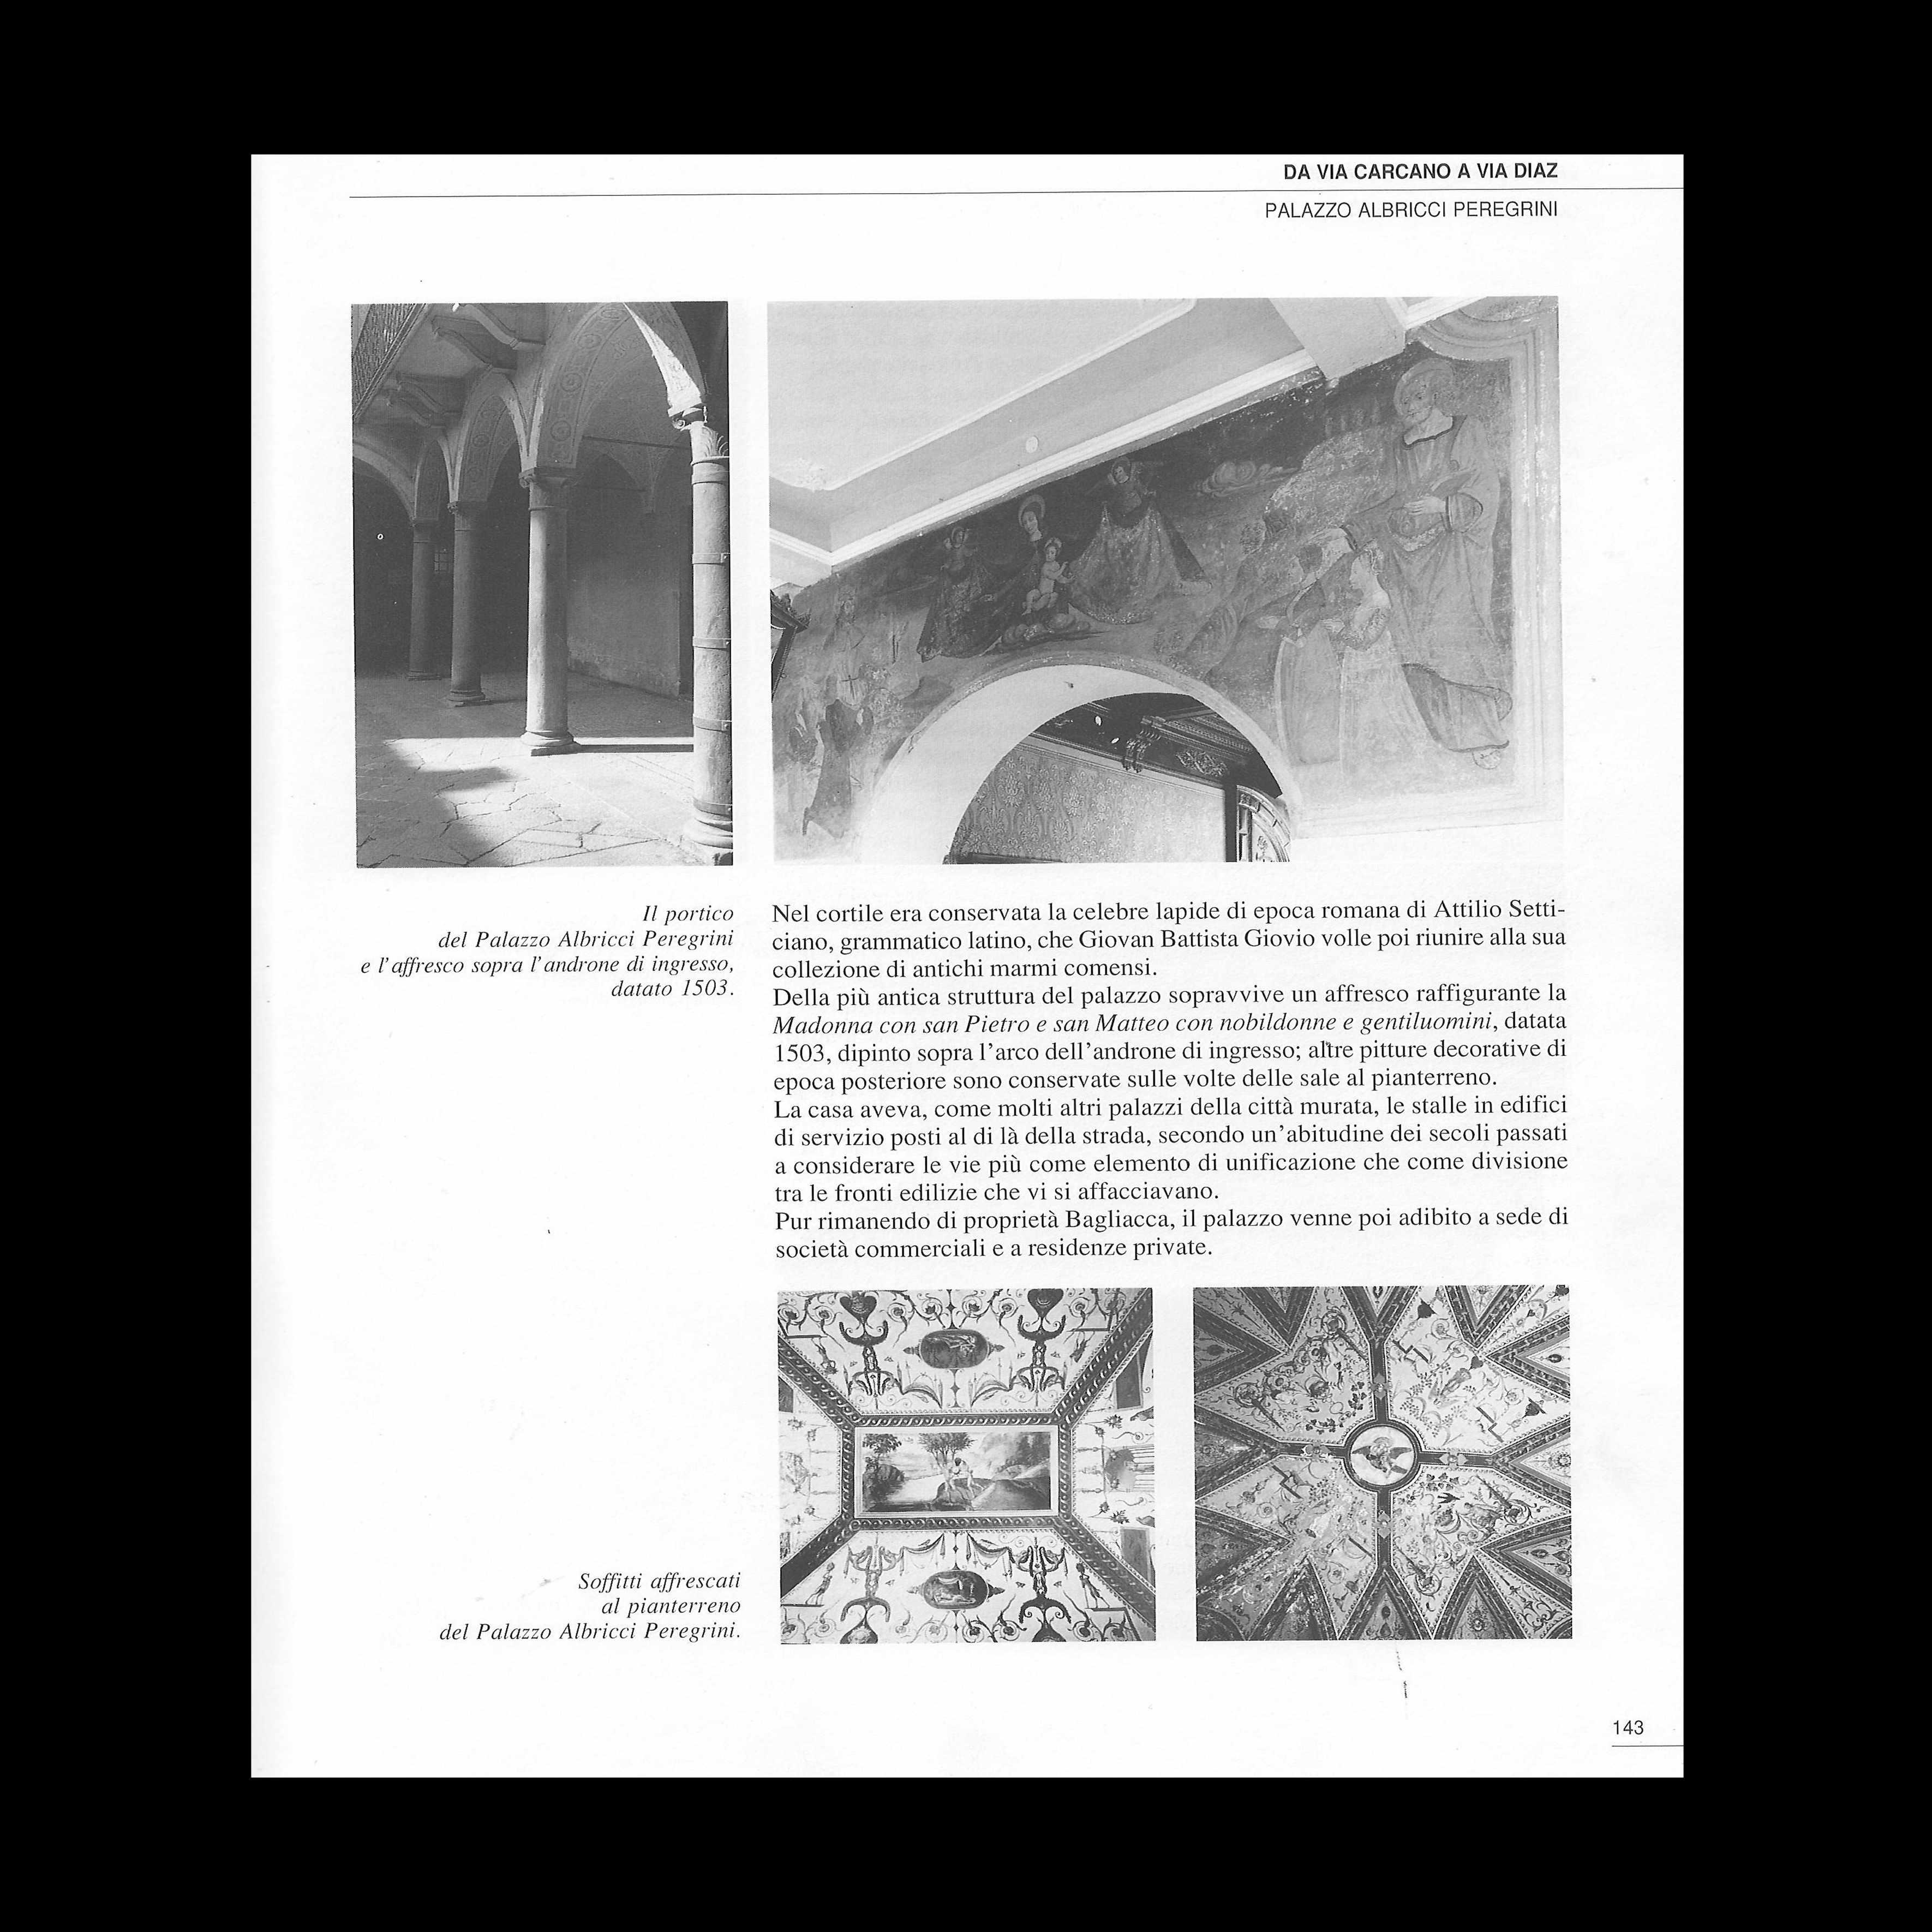 Palazzo_Albricci_Peregrini_Como_Storia_2017_0003